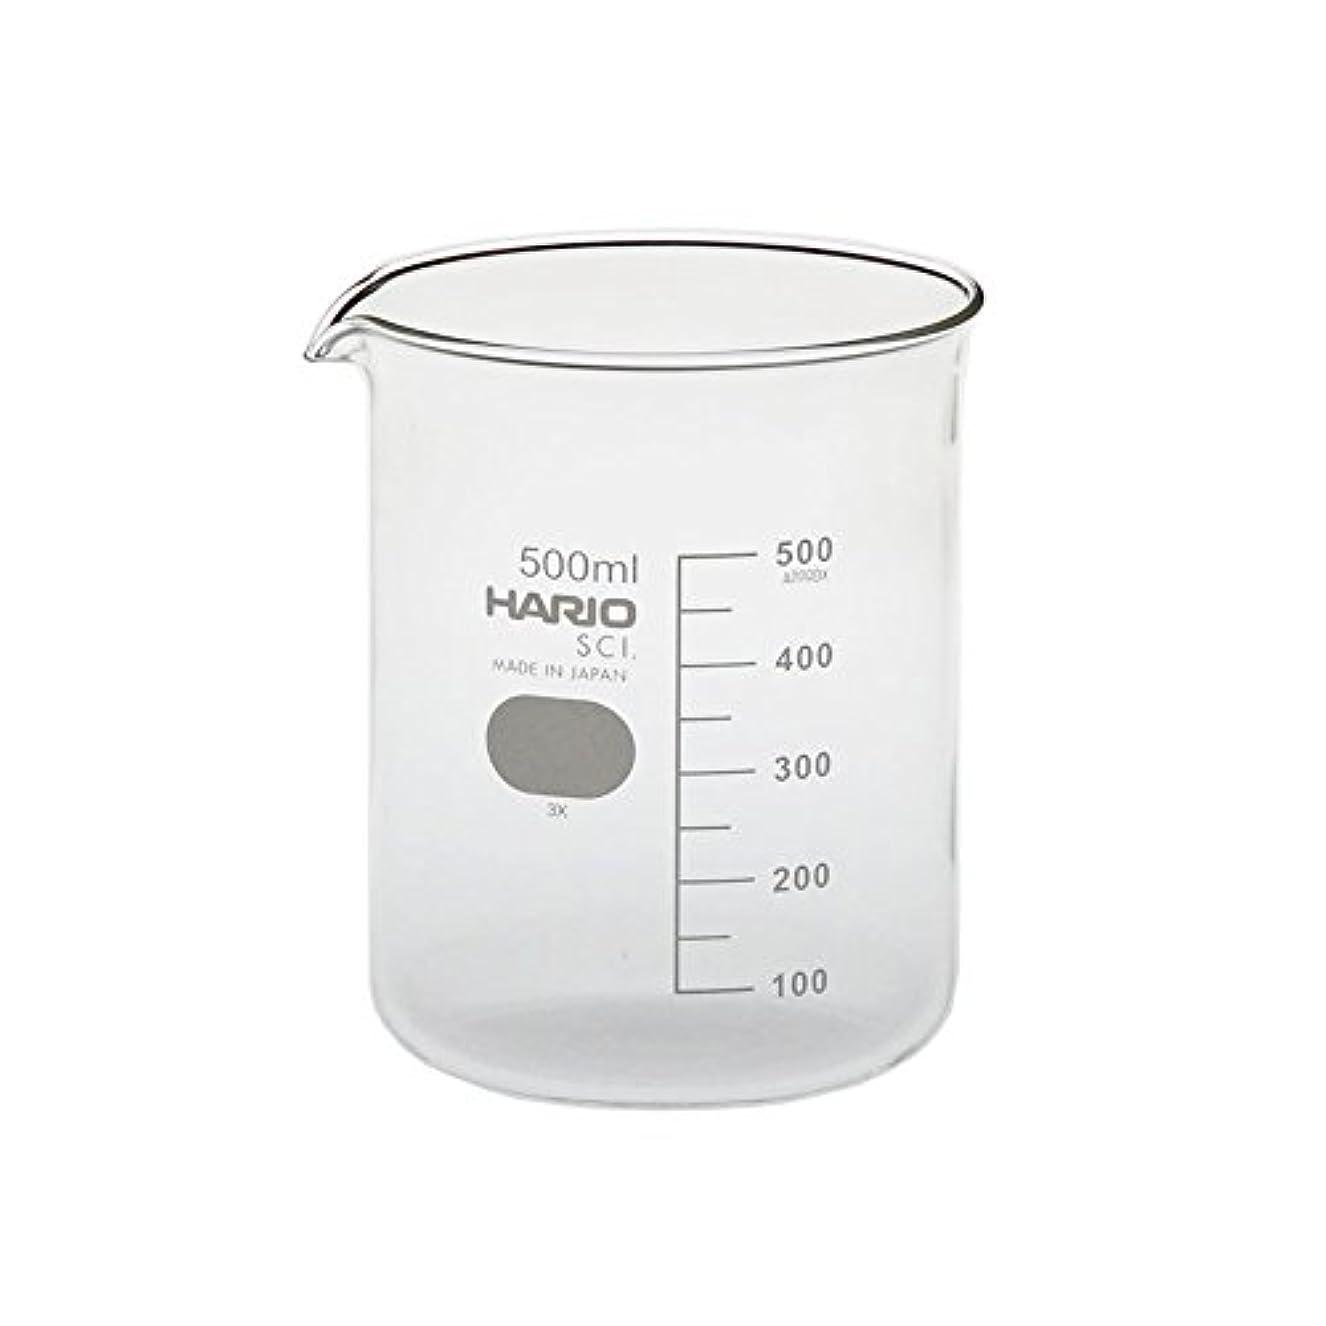 購入サポート不愉快にHARIO (ハリオ) ビーカー 500ml H32 B-500-H32